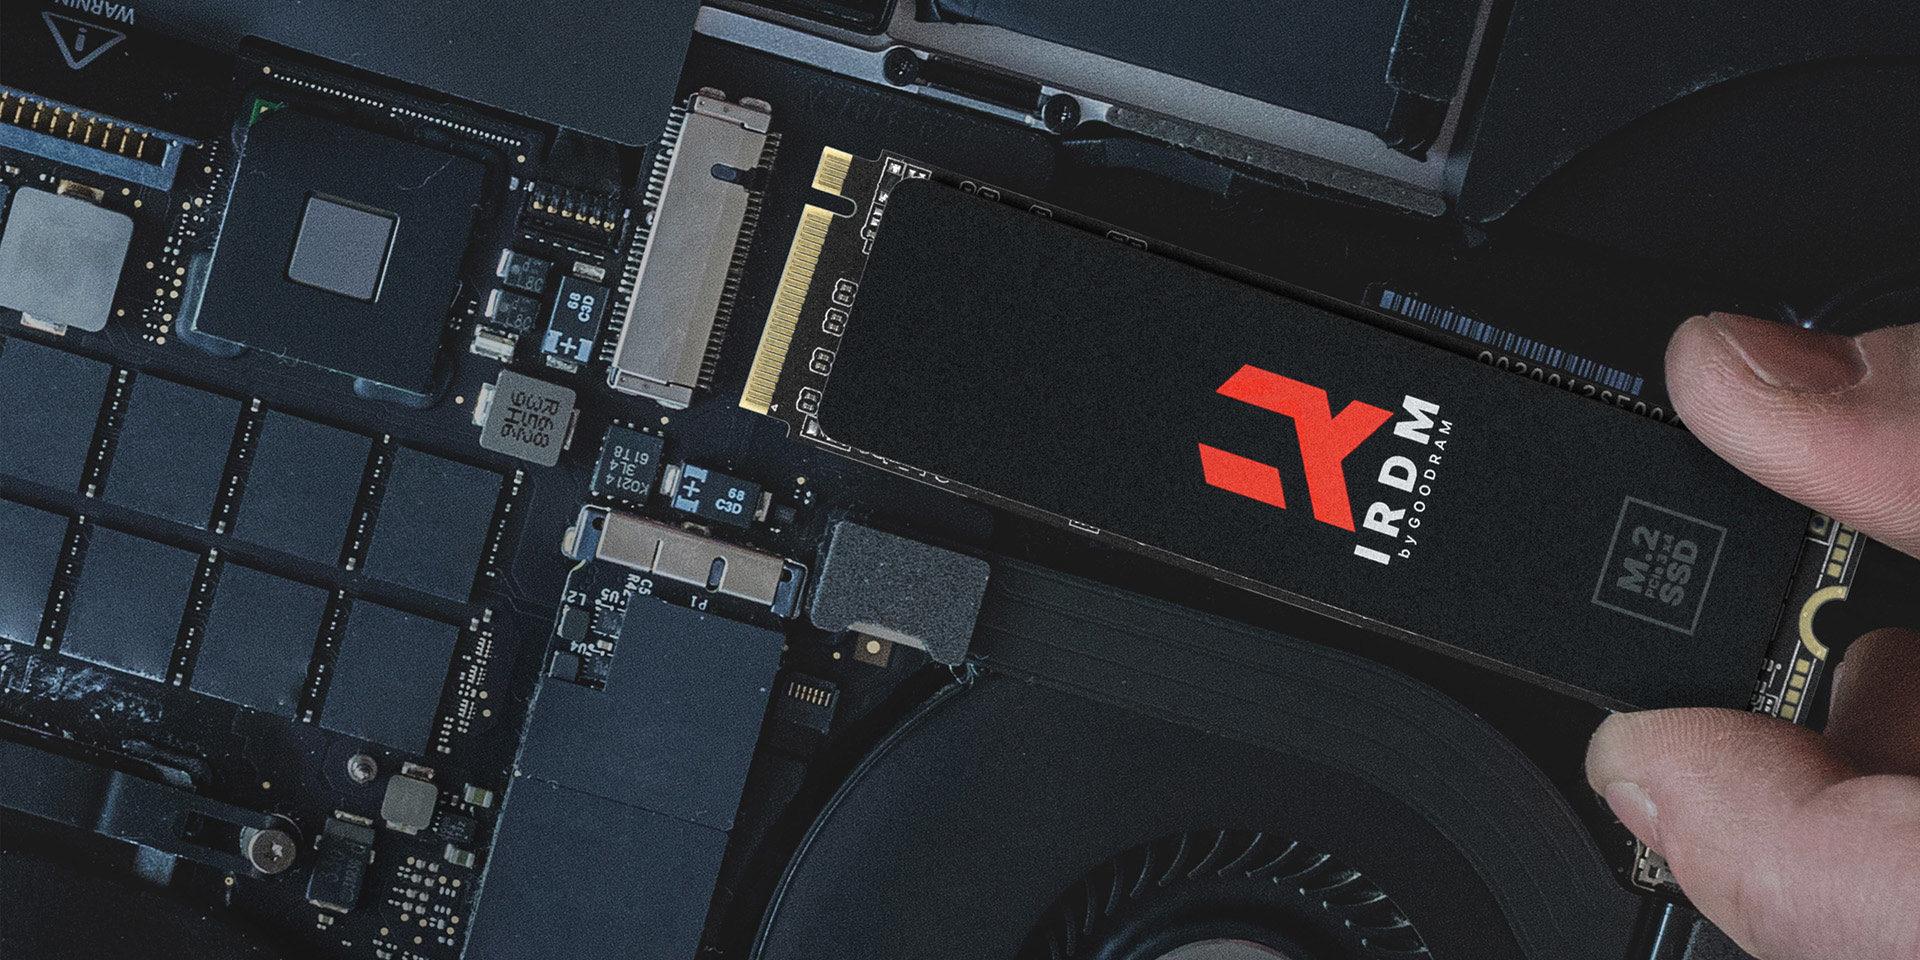 SSD IRDM M.2